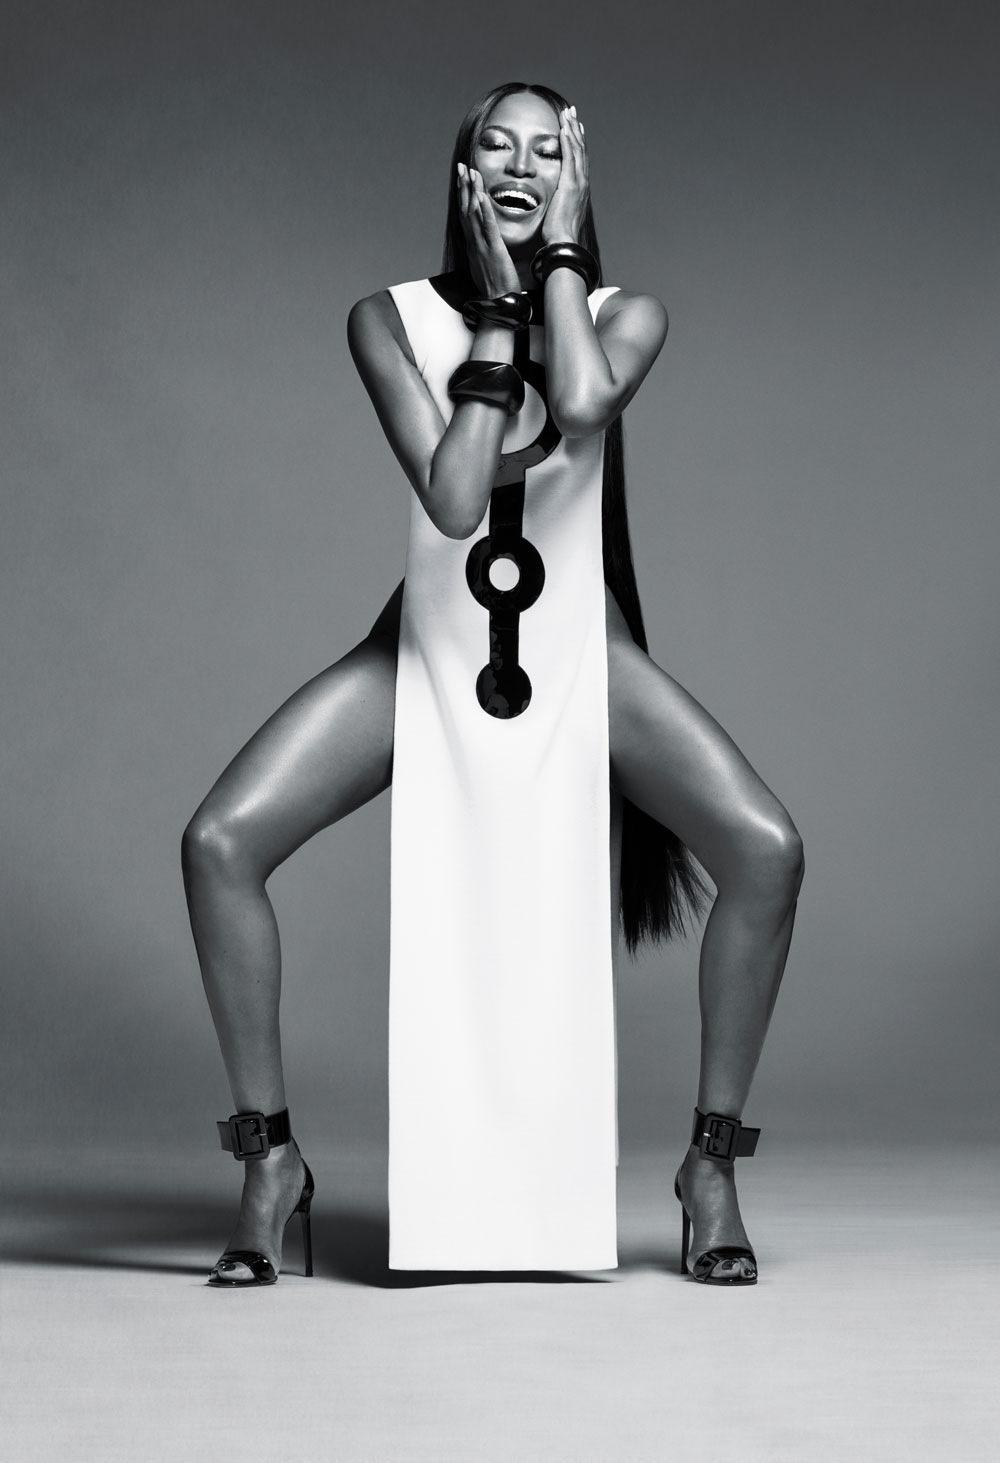 Endlich! Topmodel Naomi Campbell hat mit 48 Jahren ihren ersten Vertrag als Beauty-Gesicht für Nars Cosmertics.